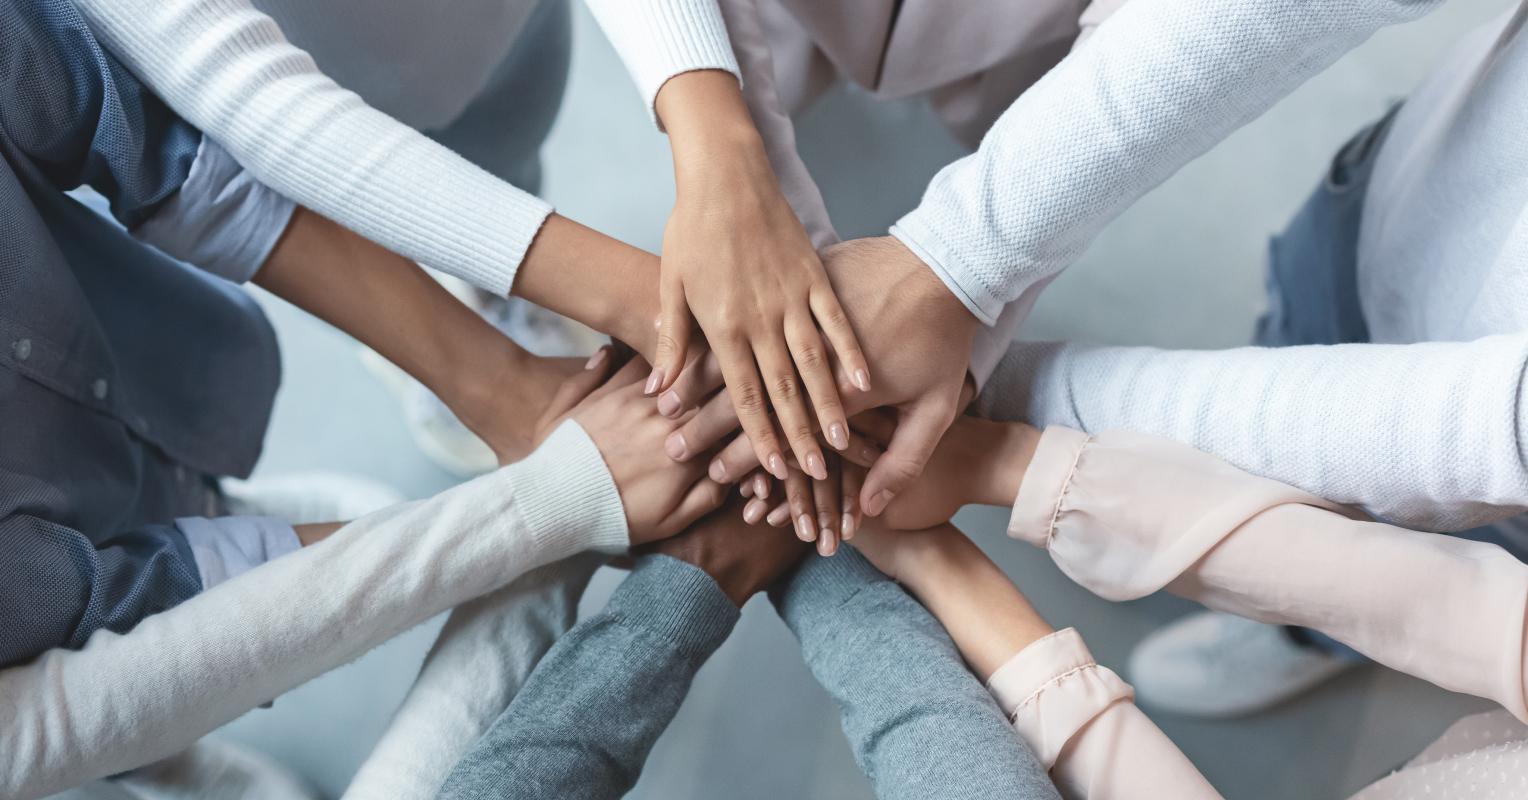 仲間を尊重し、切磋琢磨しながら難しい課題にチャレンジし、成長する